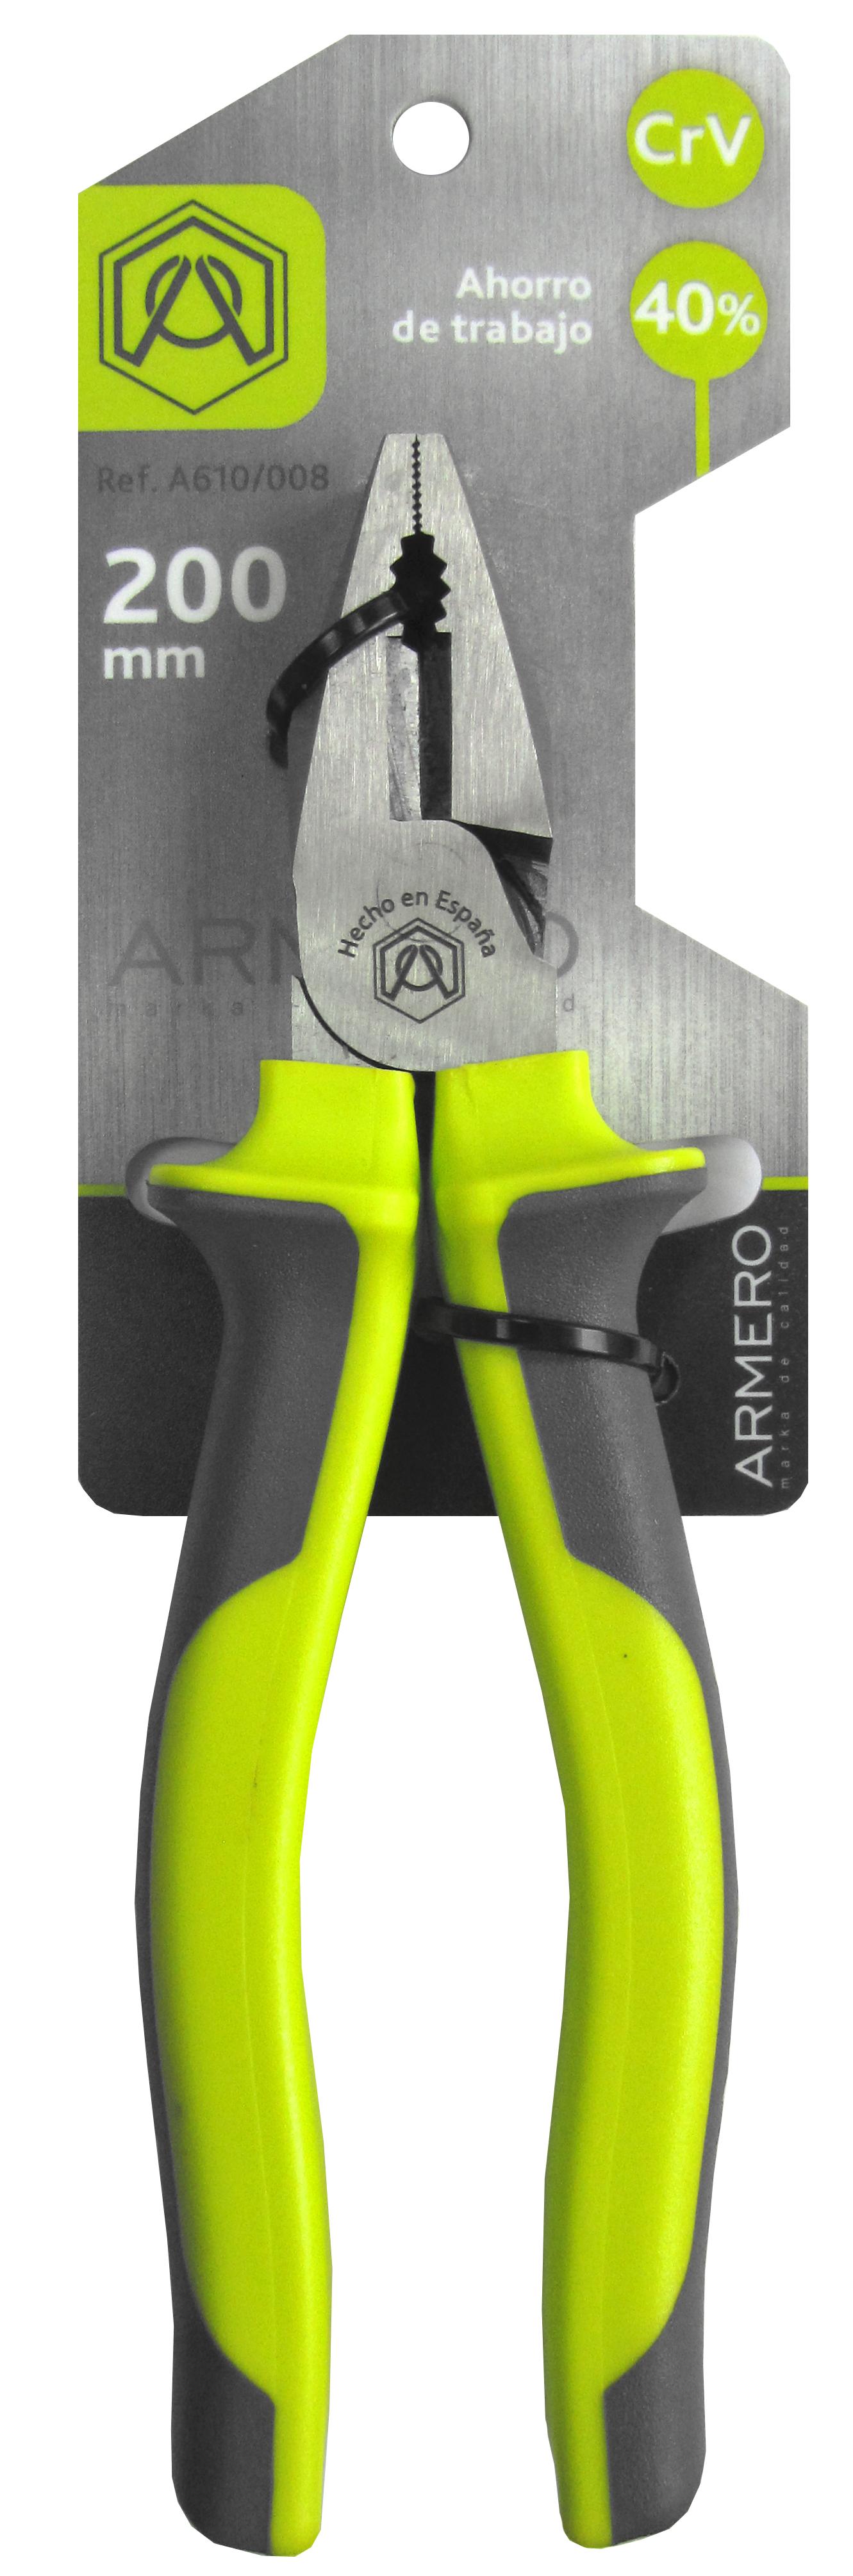 ����������� Armero - Armero�����������<br>����� (��): 200,<br>���: ���������,<br>�������� �����: CrV,<br>�������� ��������: ����������������<br>